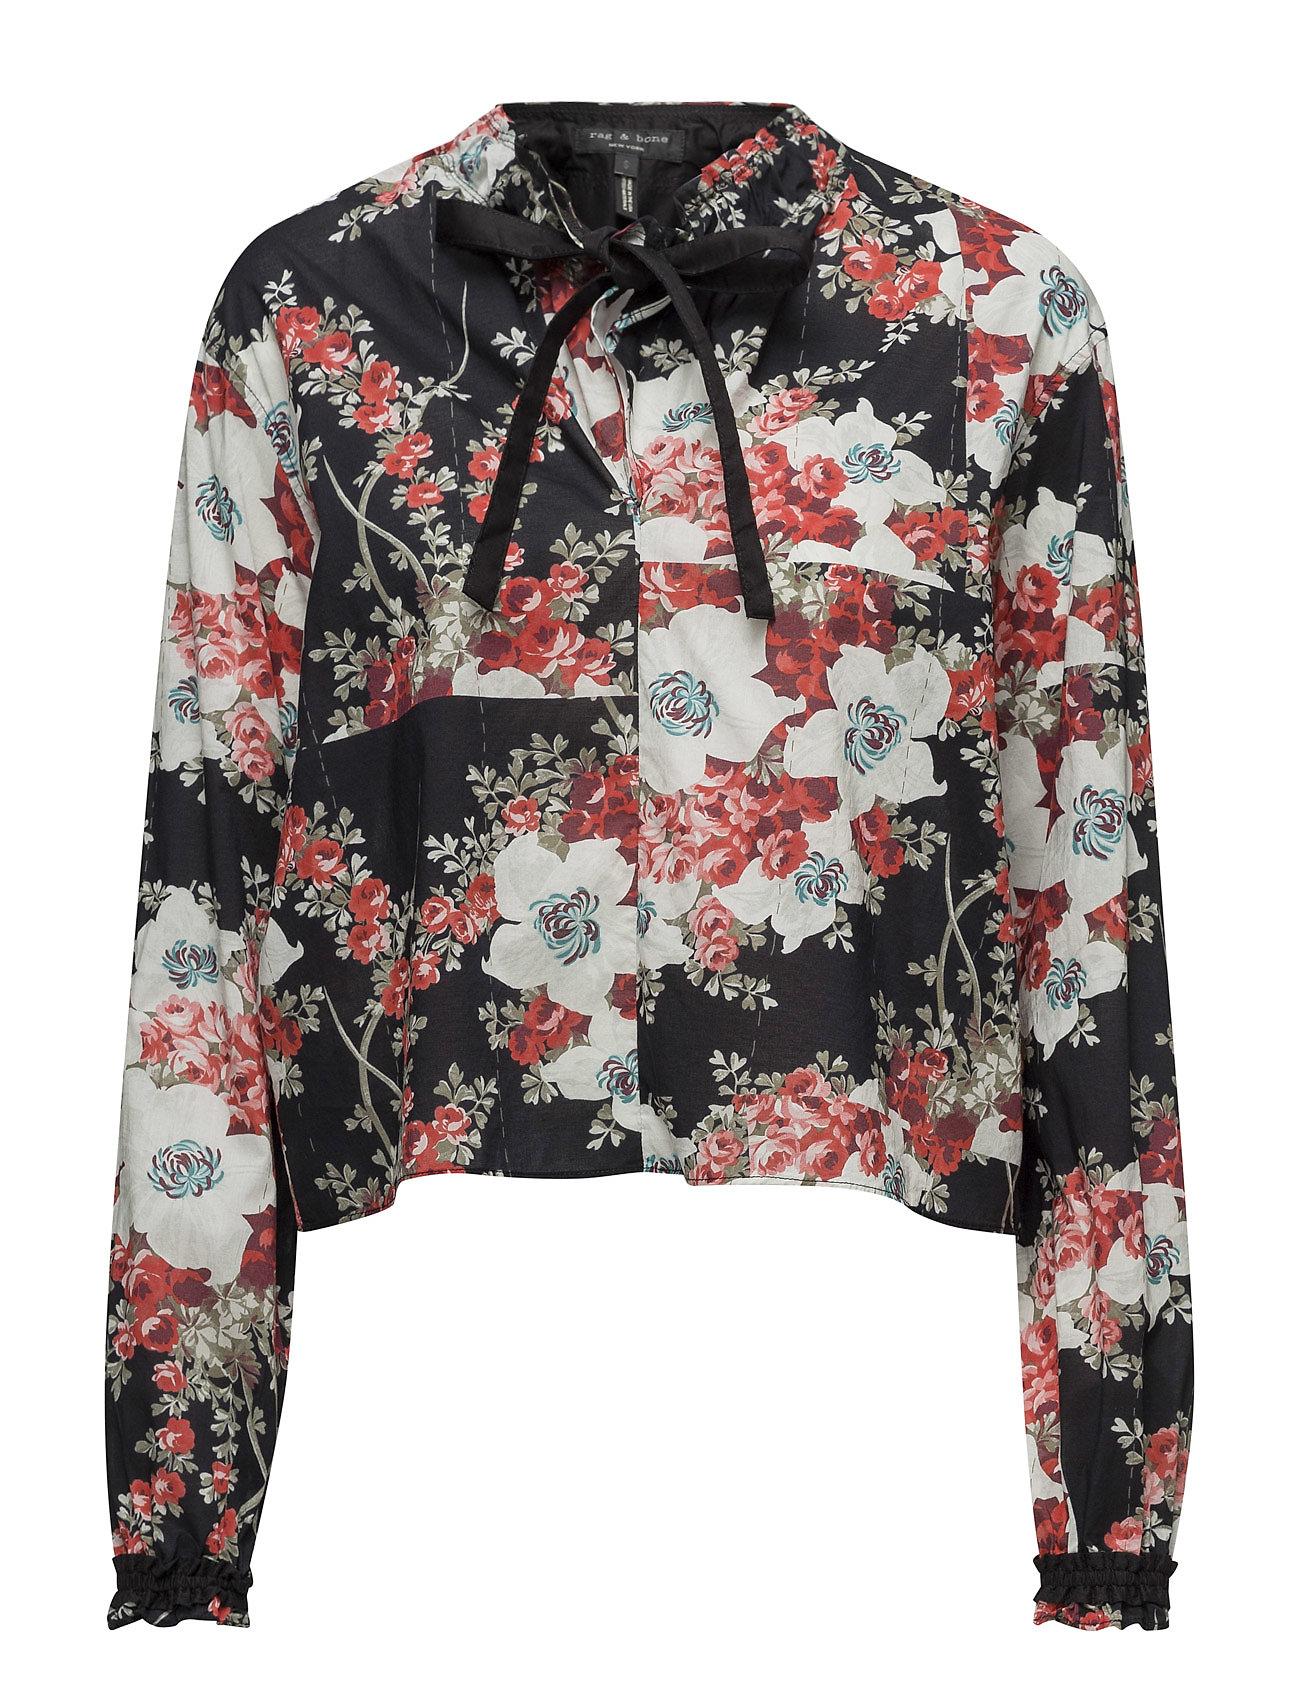 7b82e961a9b Køb Majse mbyM Jumpsuits i til Kvinder hos Boozt | Fashionguide.dk